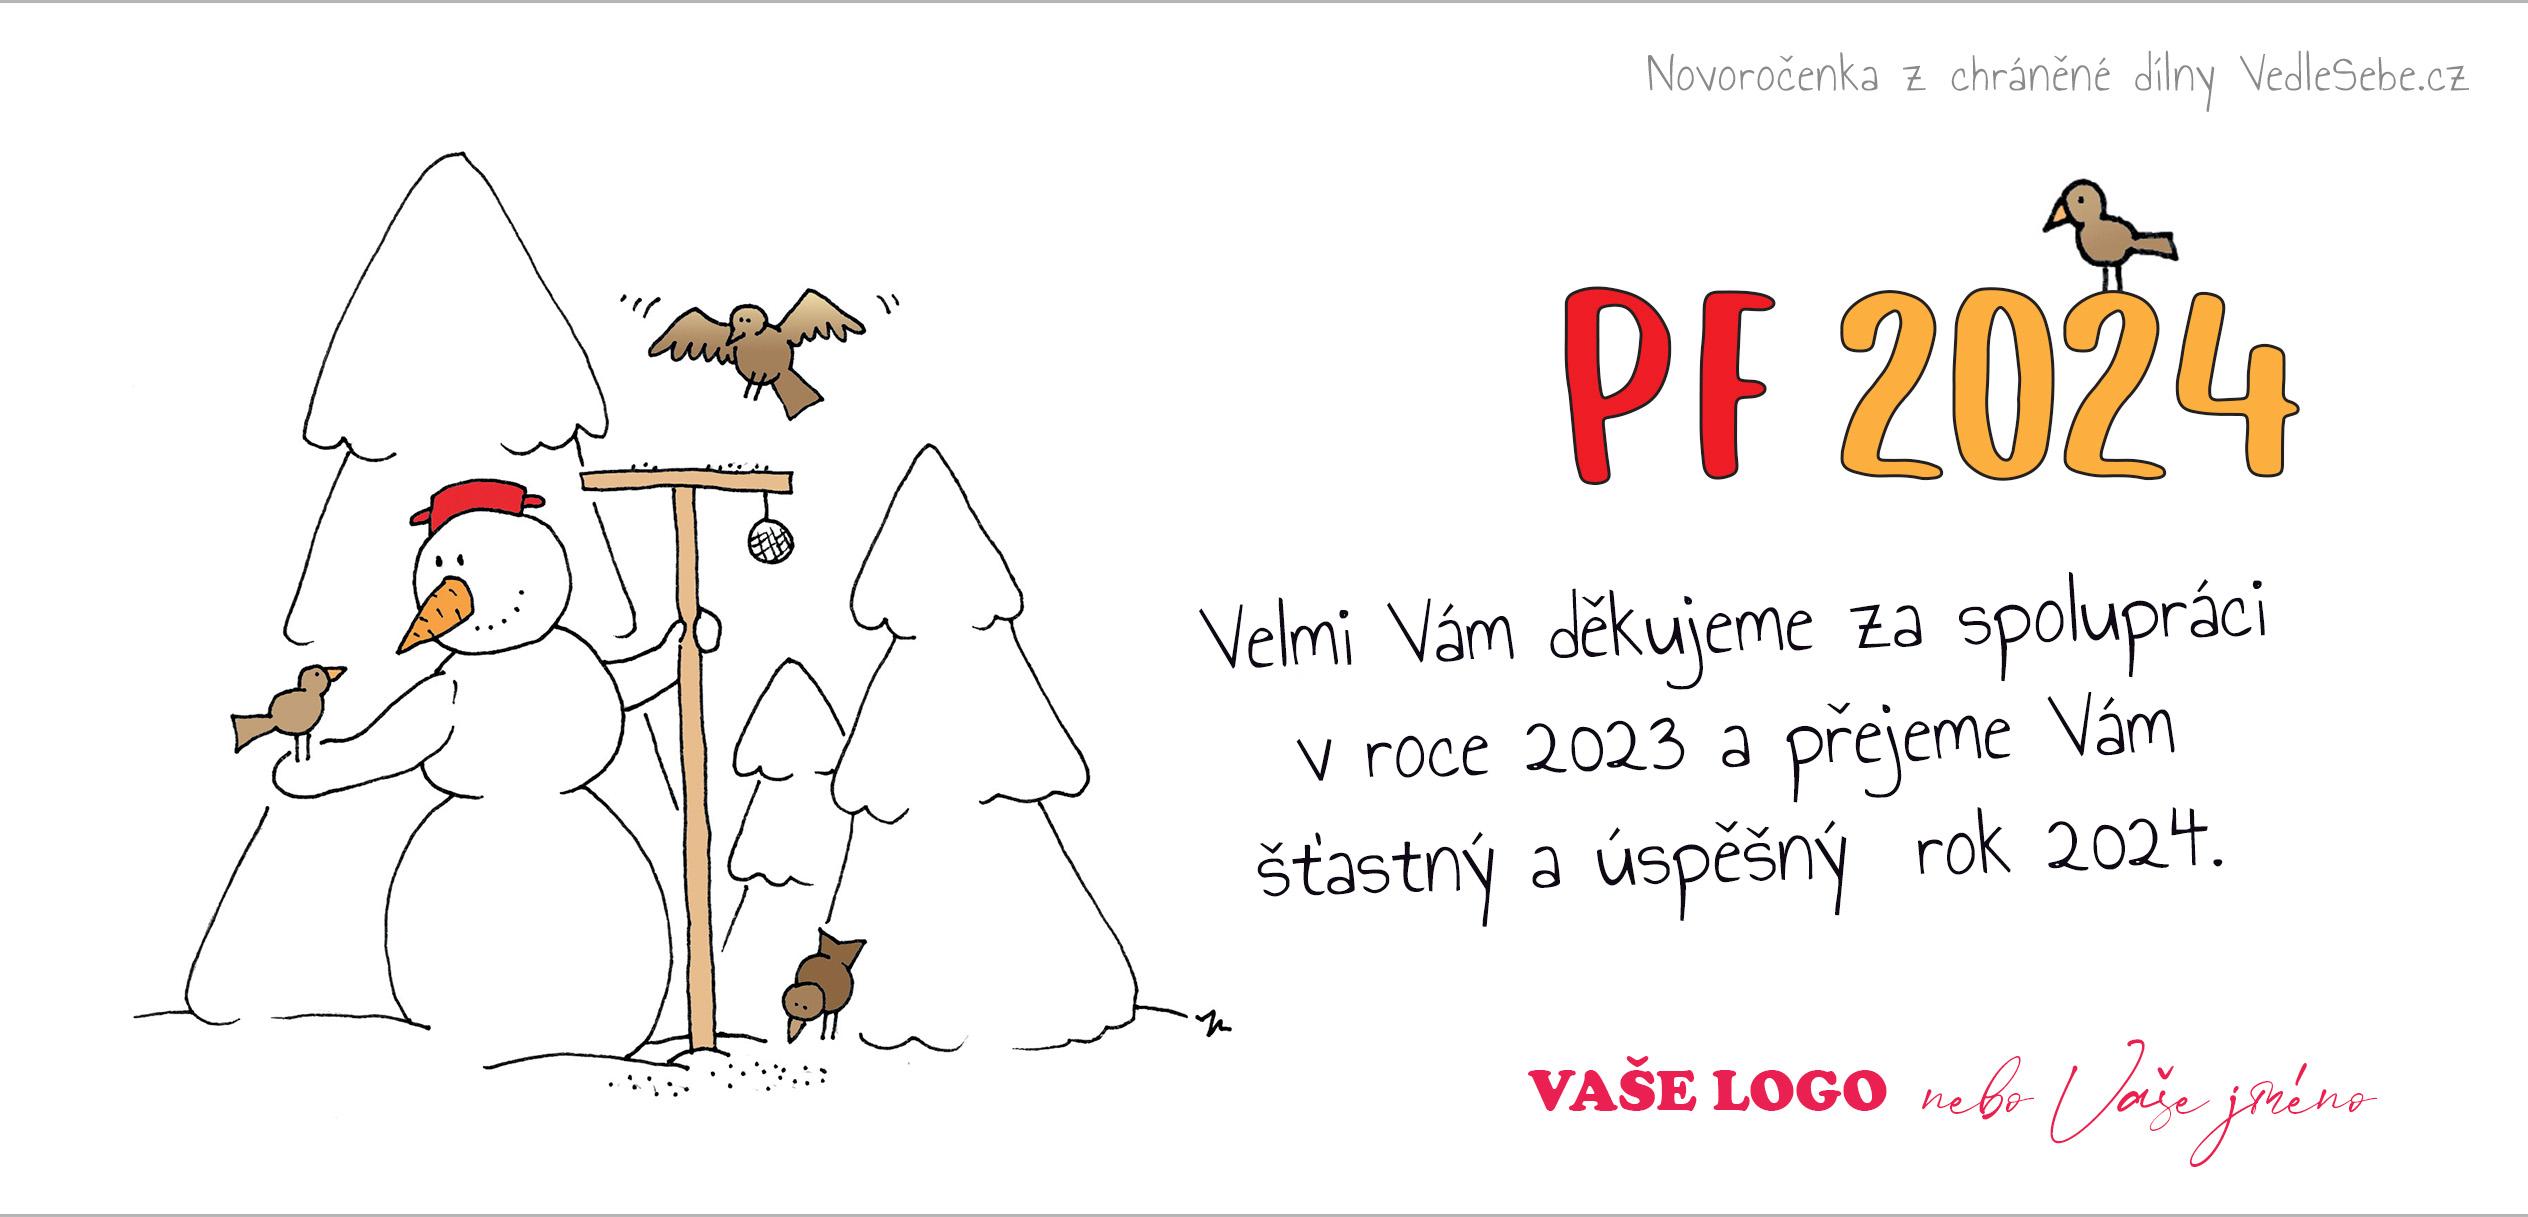 Vtipně kreslená novoročenka se sněhulákem krmícím ptáky o Vánocích.